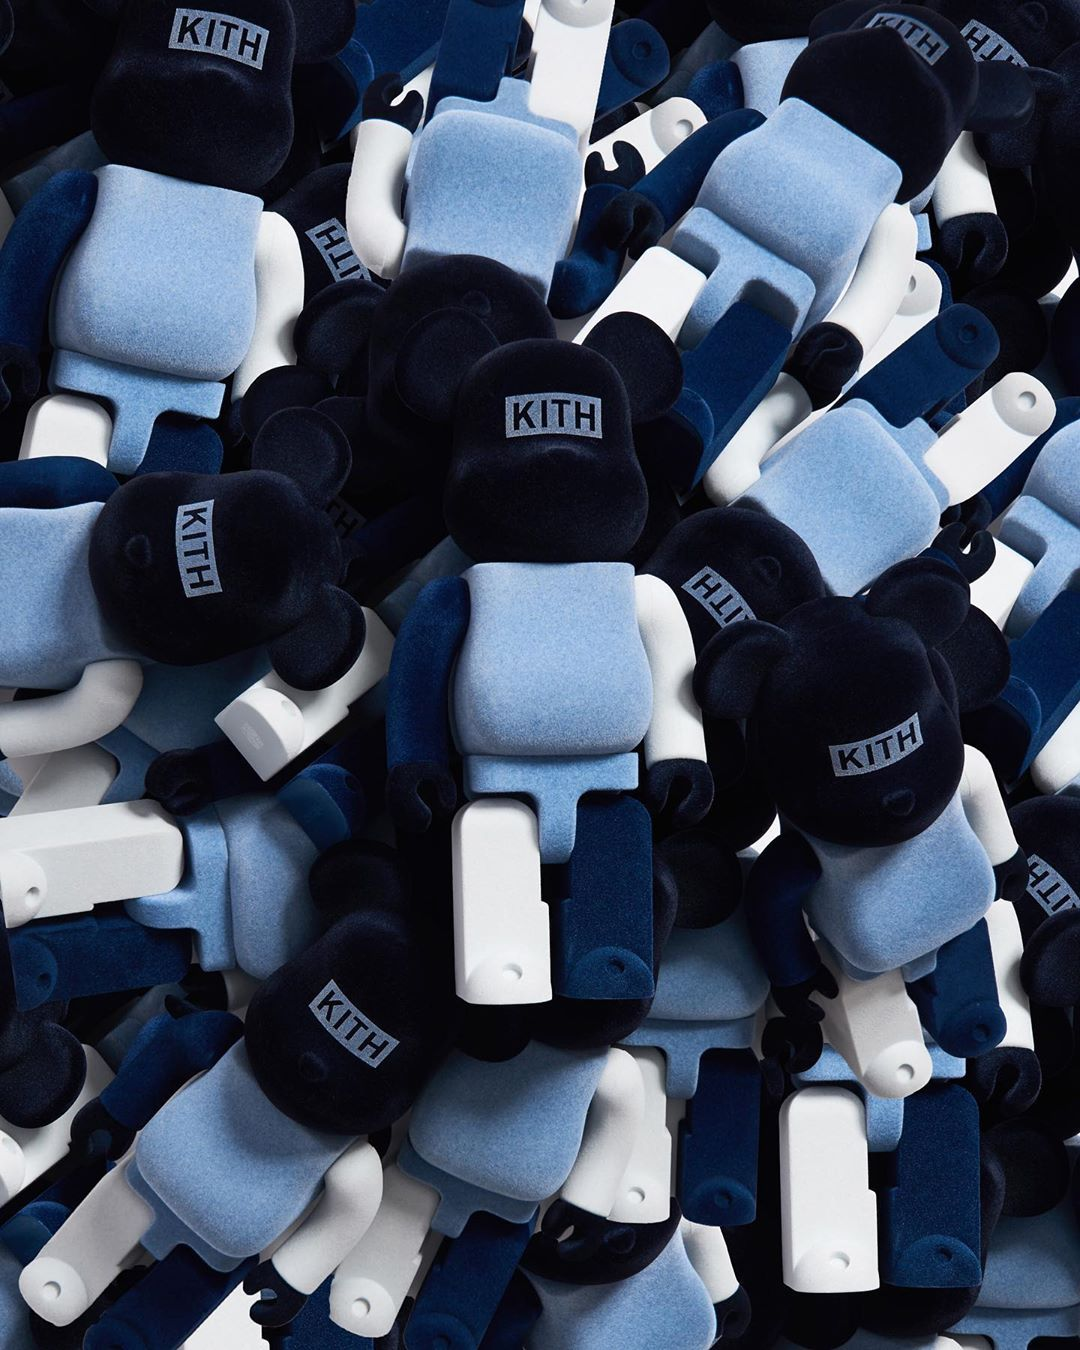 8月26日 Kith BE@RBRICK 100 & 400% マンデープログラム限定販売ベアブリック とアパレル